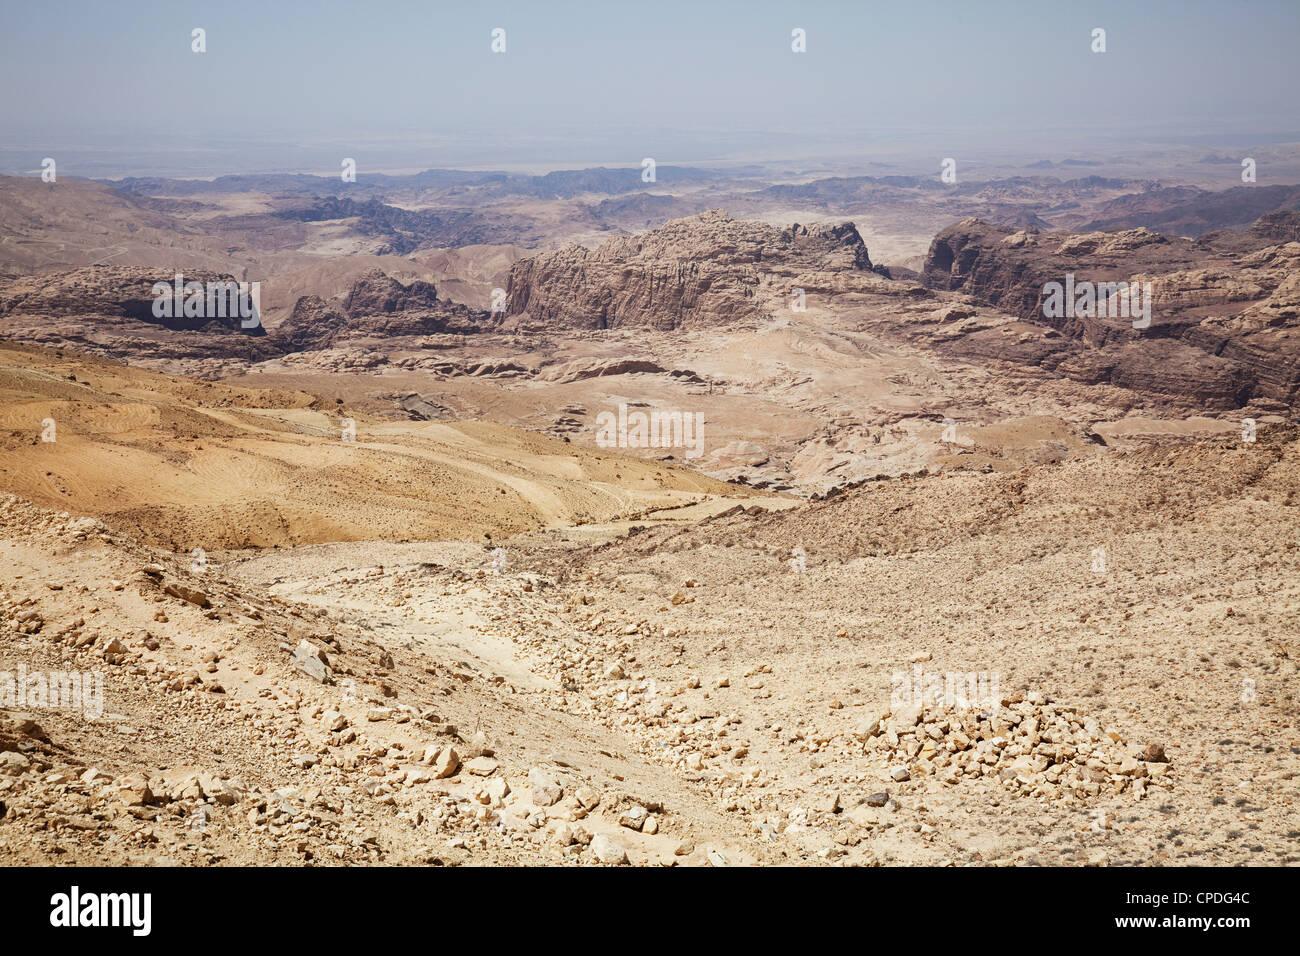 Il paesaggio aspro di Petra, Giordania, Medio Oriente Immagini Stock